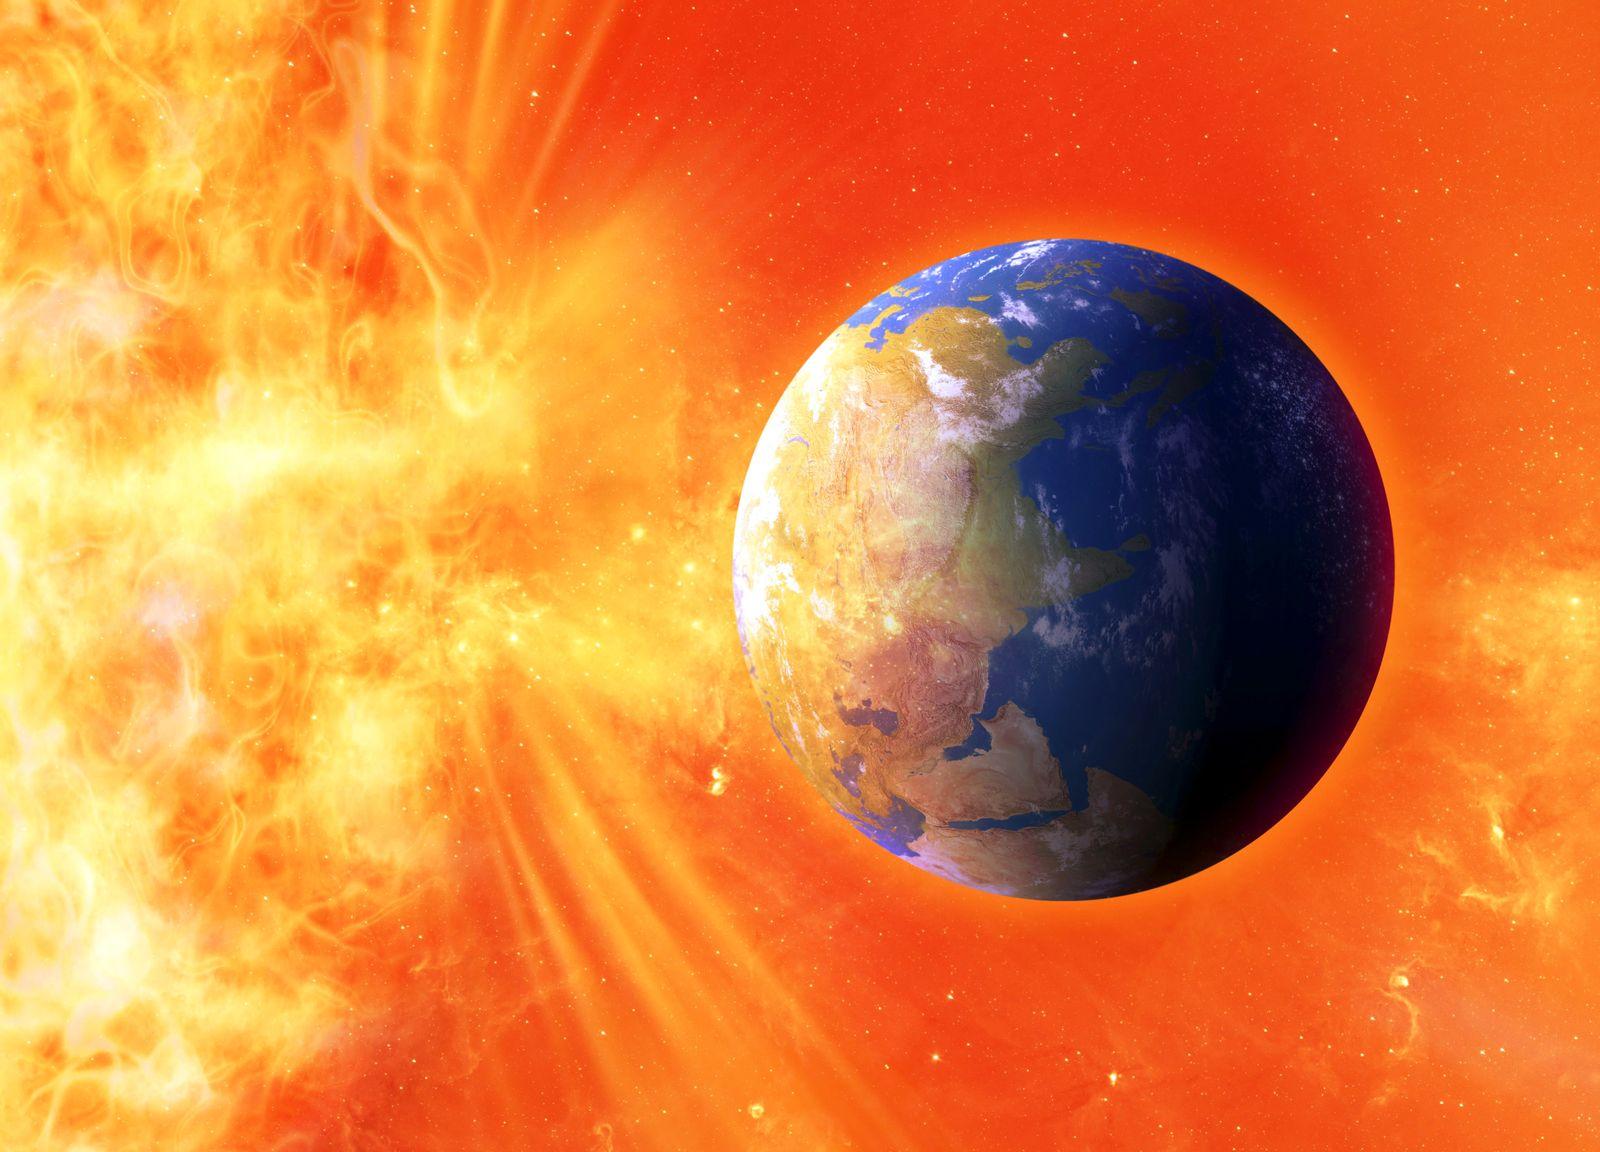 NICHT MEHR VERWENDEN! - Sonne / Erde